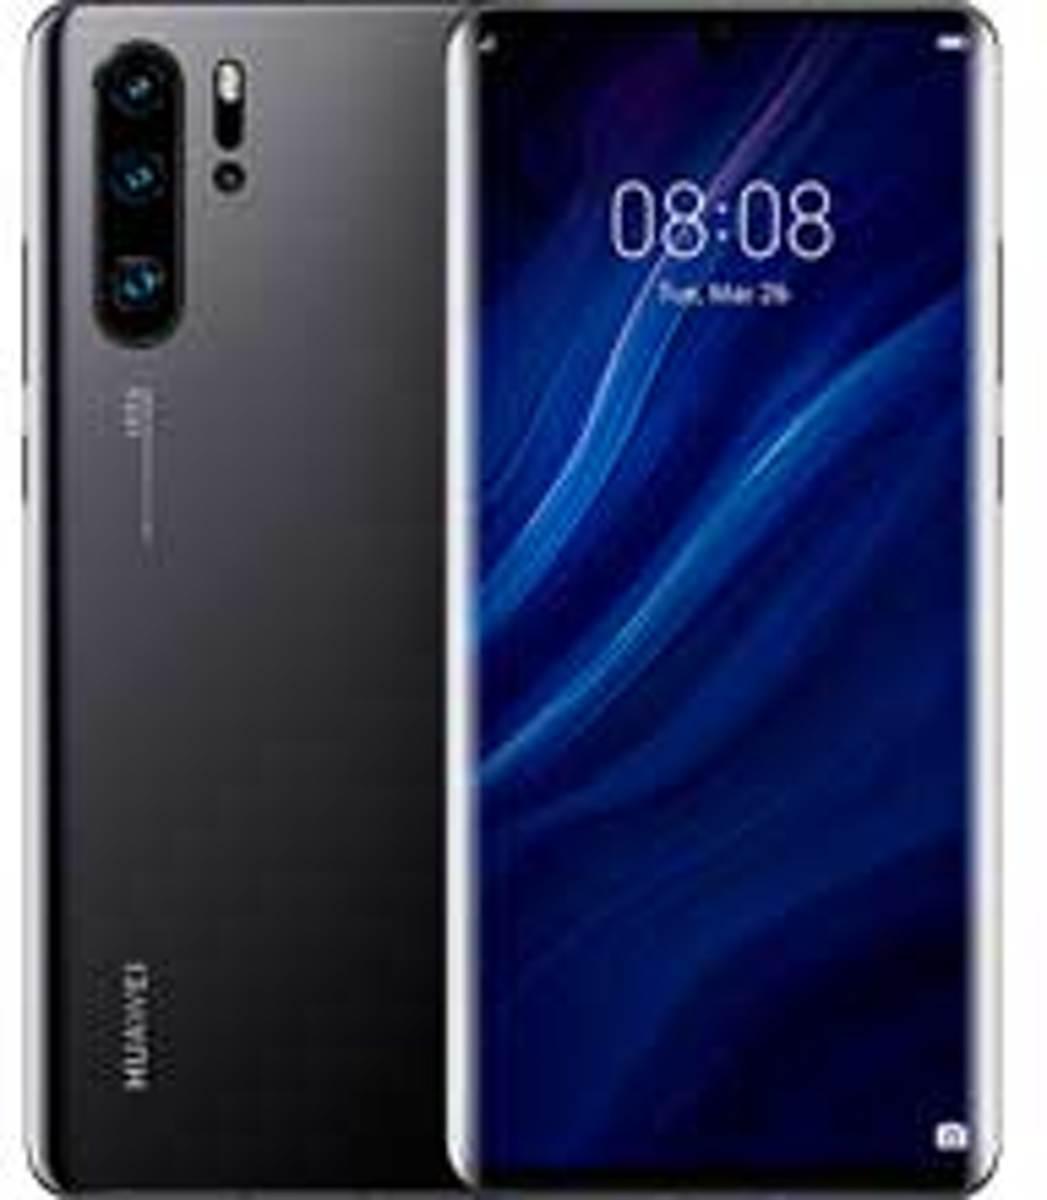 Huawei P30 Pro 16,4 cm (6.47'') 6 GB 128 GB 4G Zwart 4200 mAh kopen